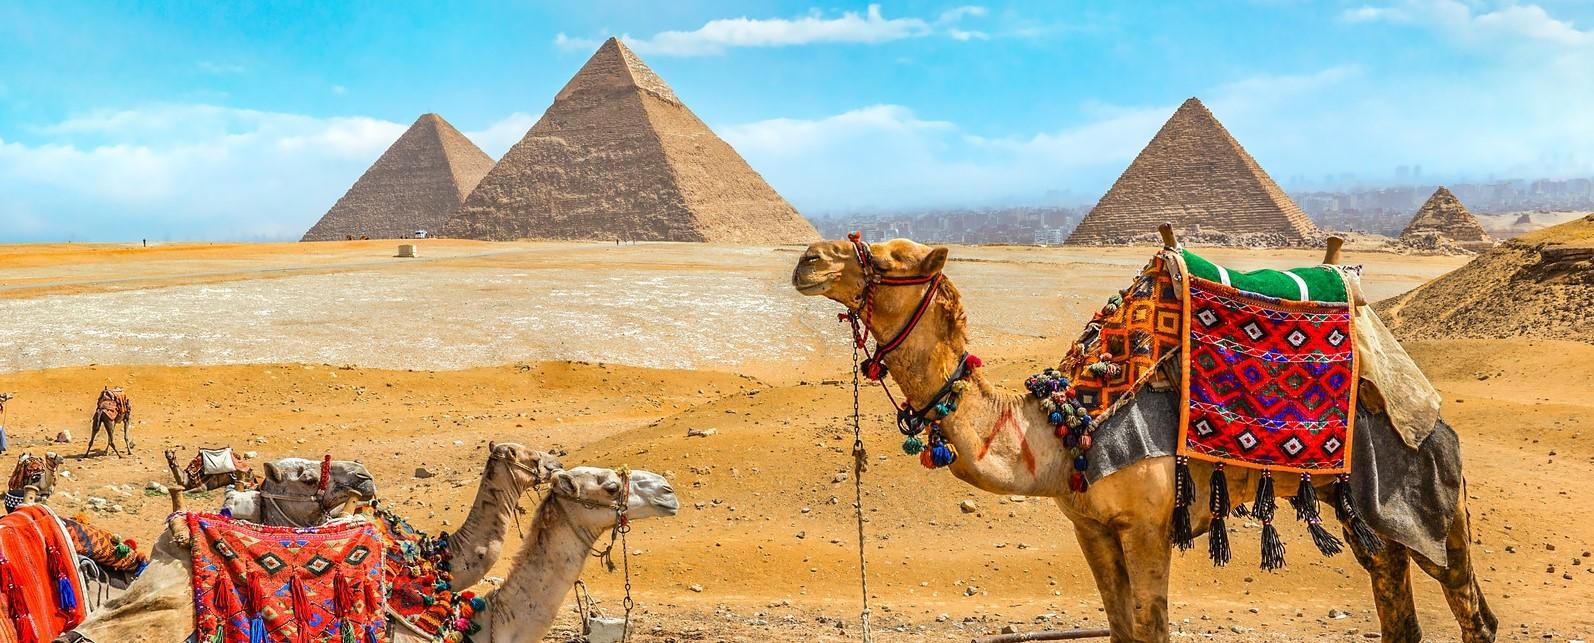 das Plateau von gizehTagesausflug nach Kairo mit dem Flugzeug ab Marsa Alam